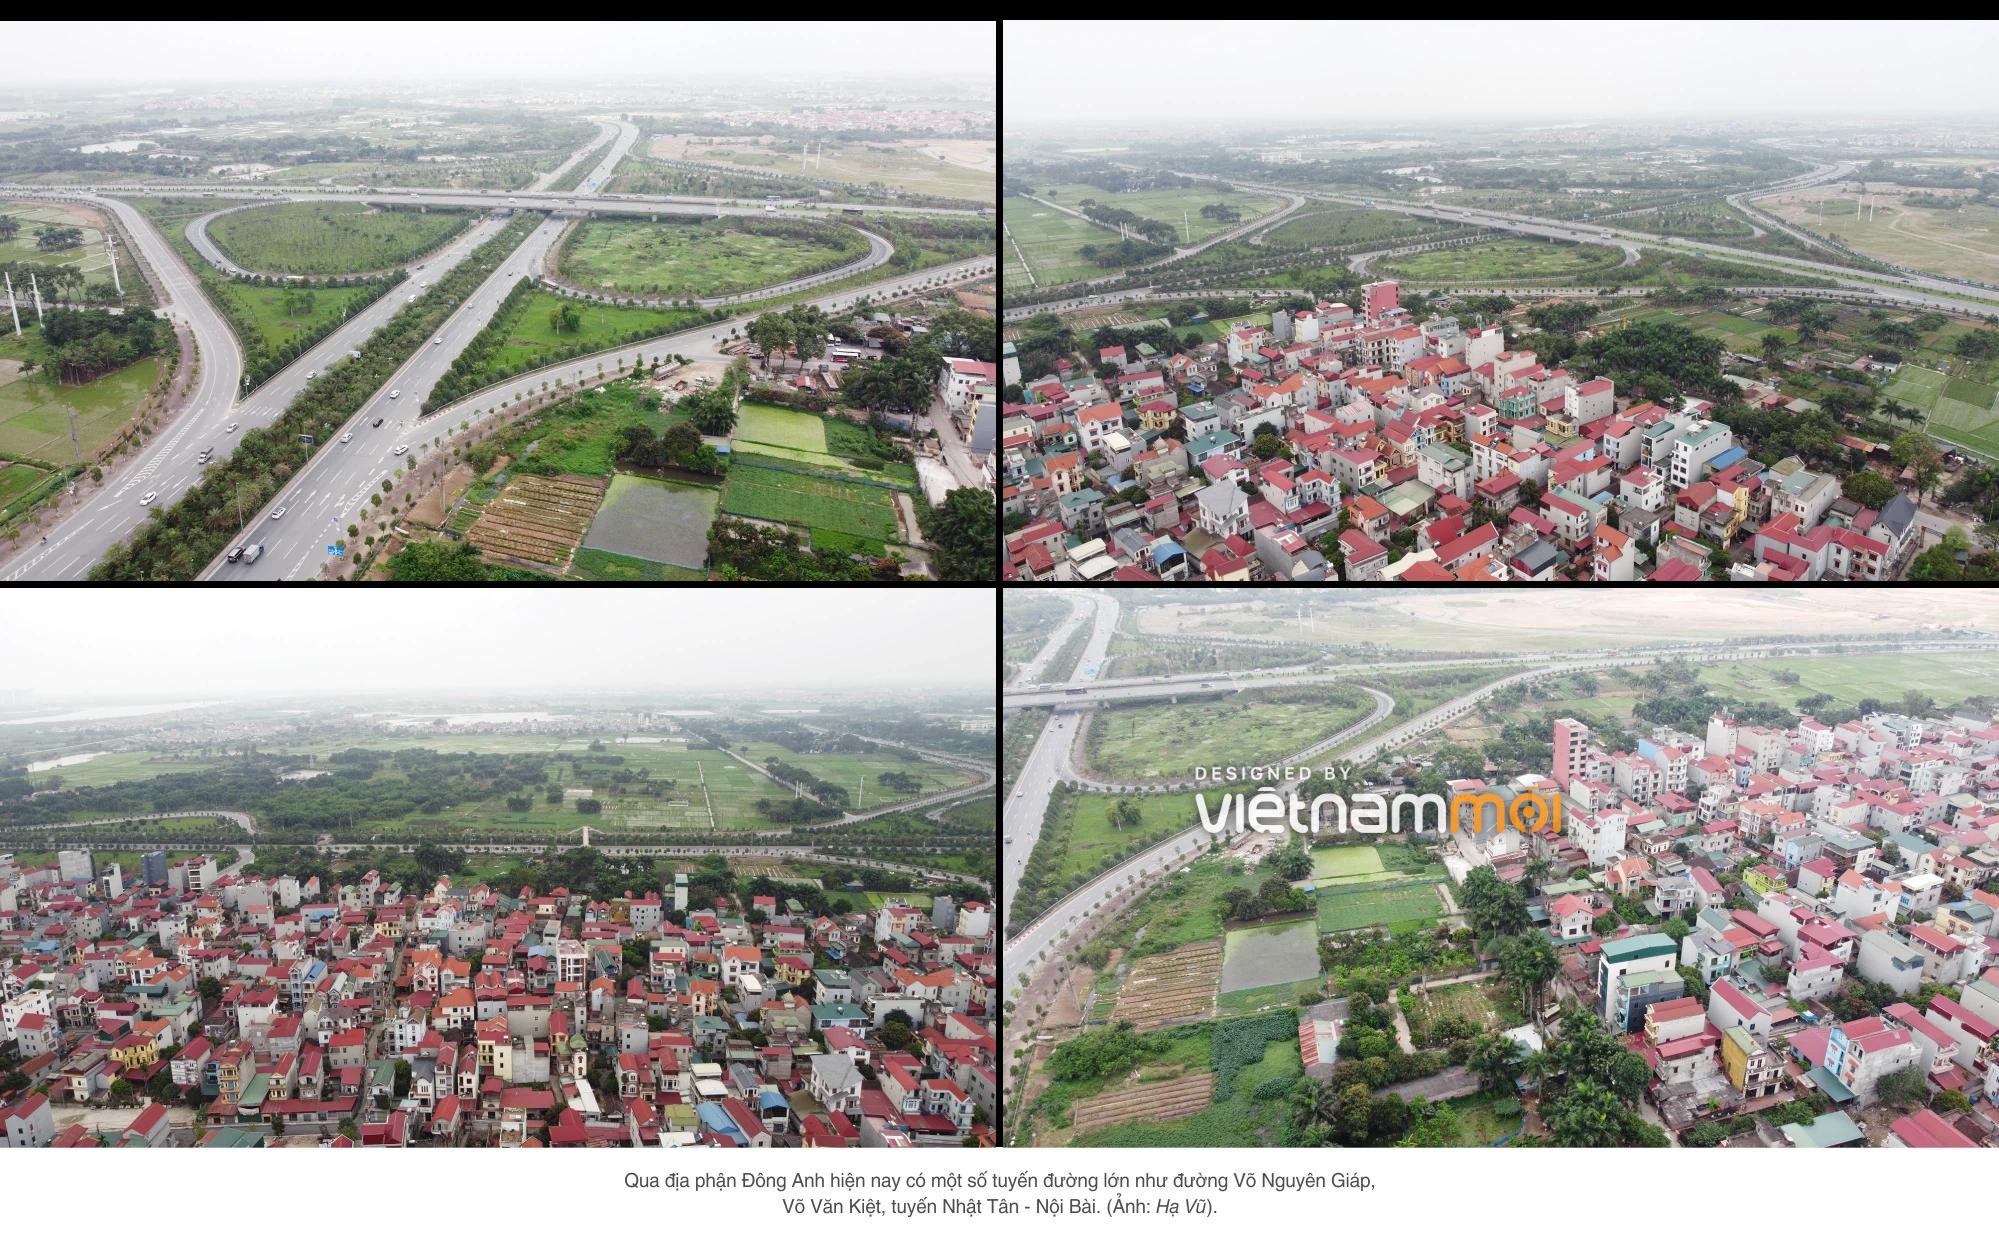 Loạt thông tin quy hoạch nên biết khi mua nhà đất ở Đông Anh, Hà Nội - Ảnh 12.